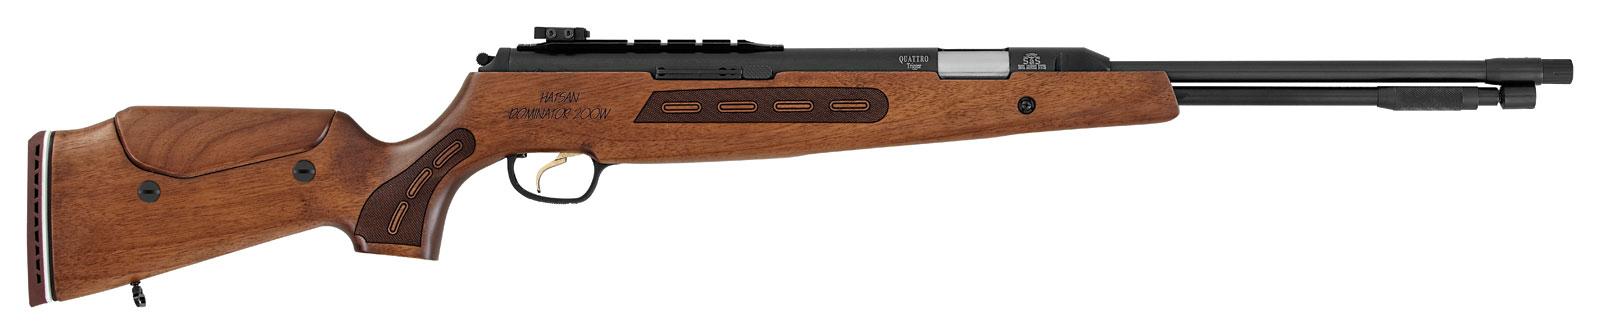 Dominator 200W Carbine